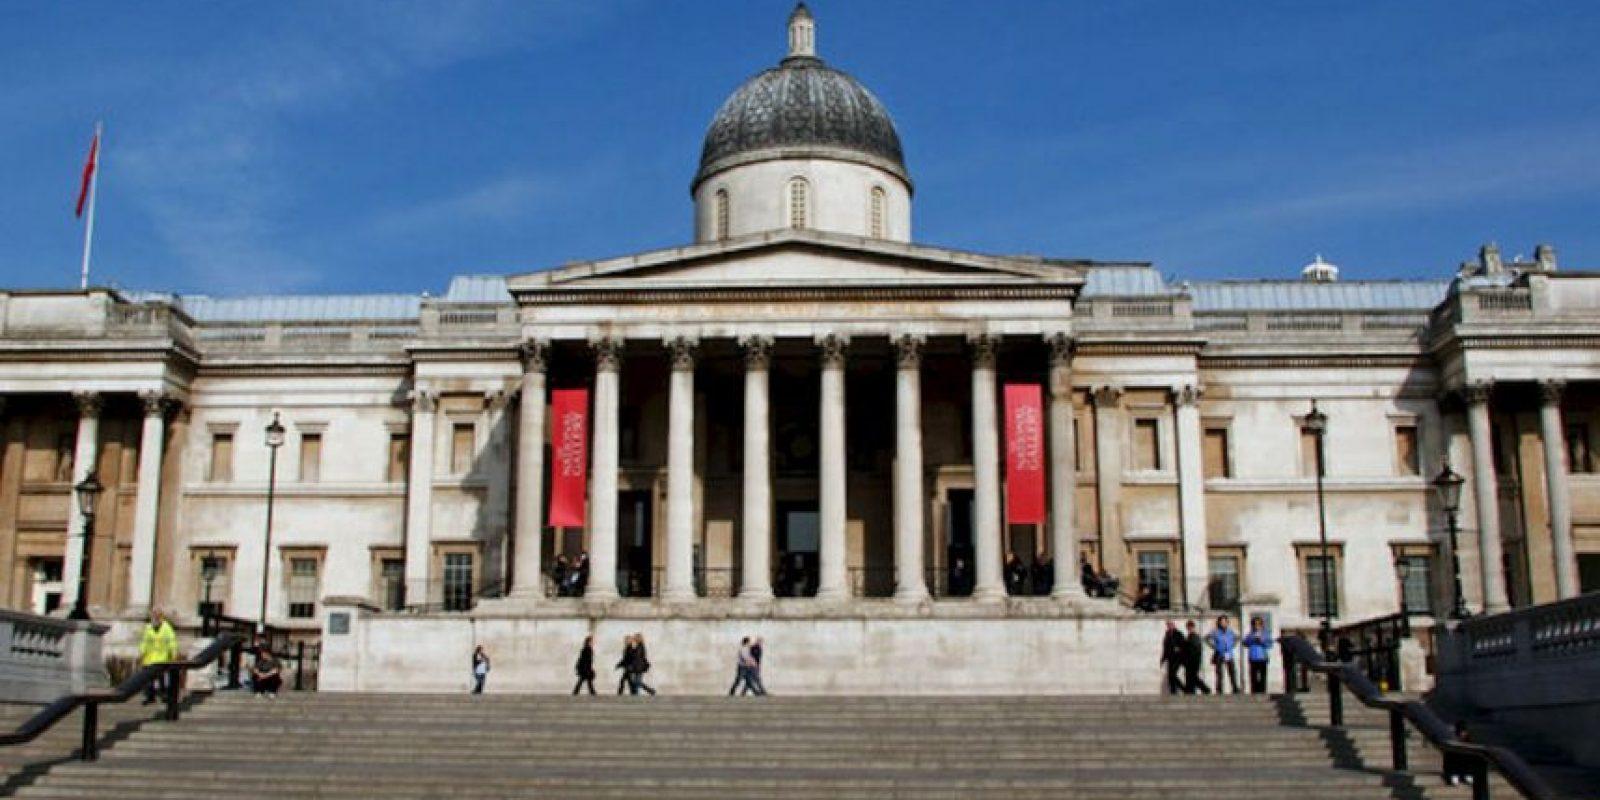 La National Gallery es el principal museo de arte de Londres. Foto:Wikicommons